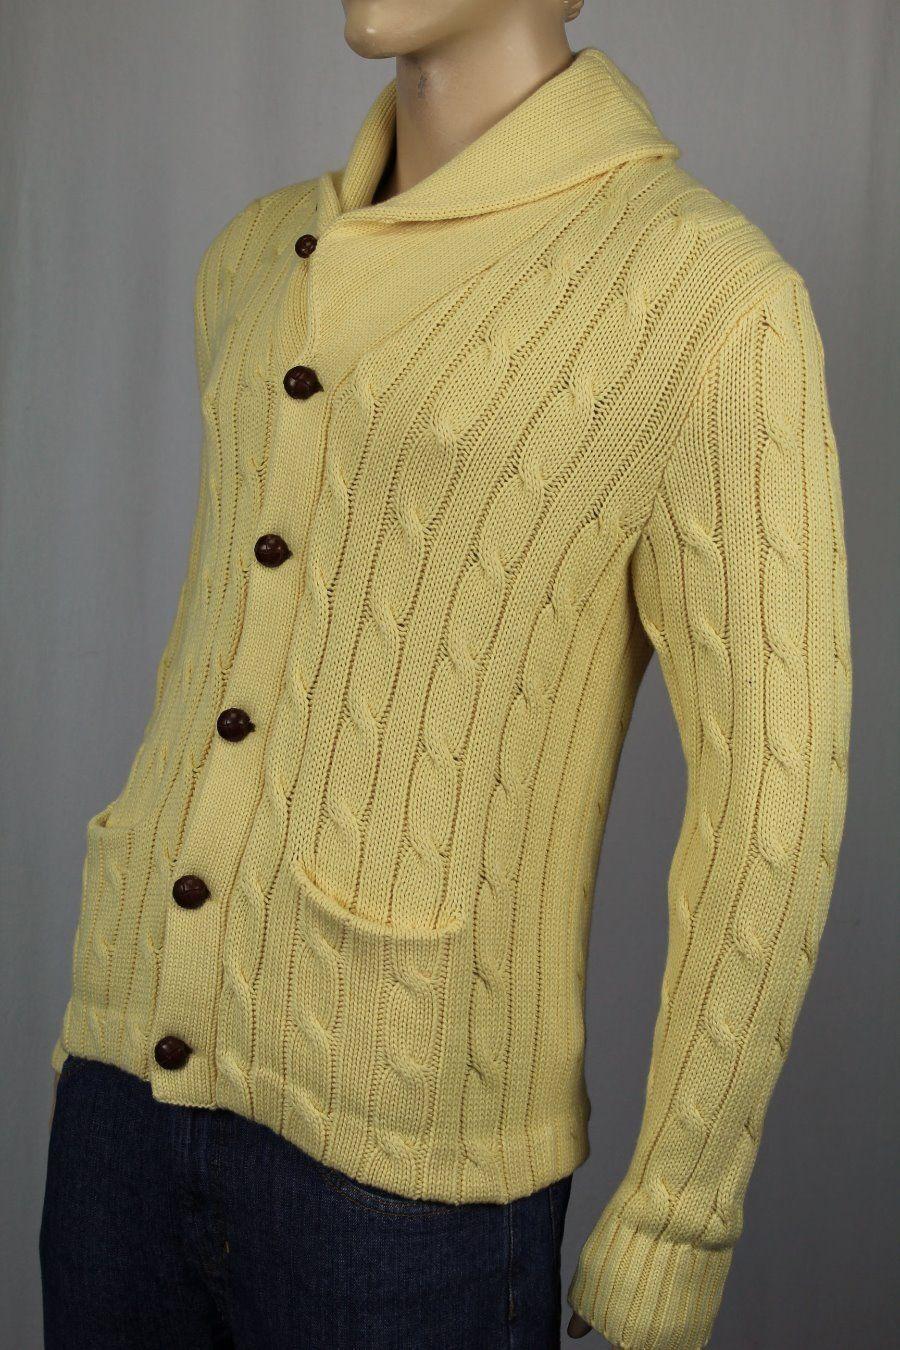 Polo Ralph Lauren Gelb Shawl Cardigan Leder Cashmere NWT 495